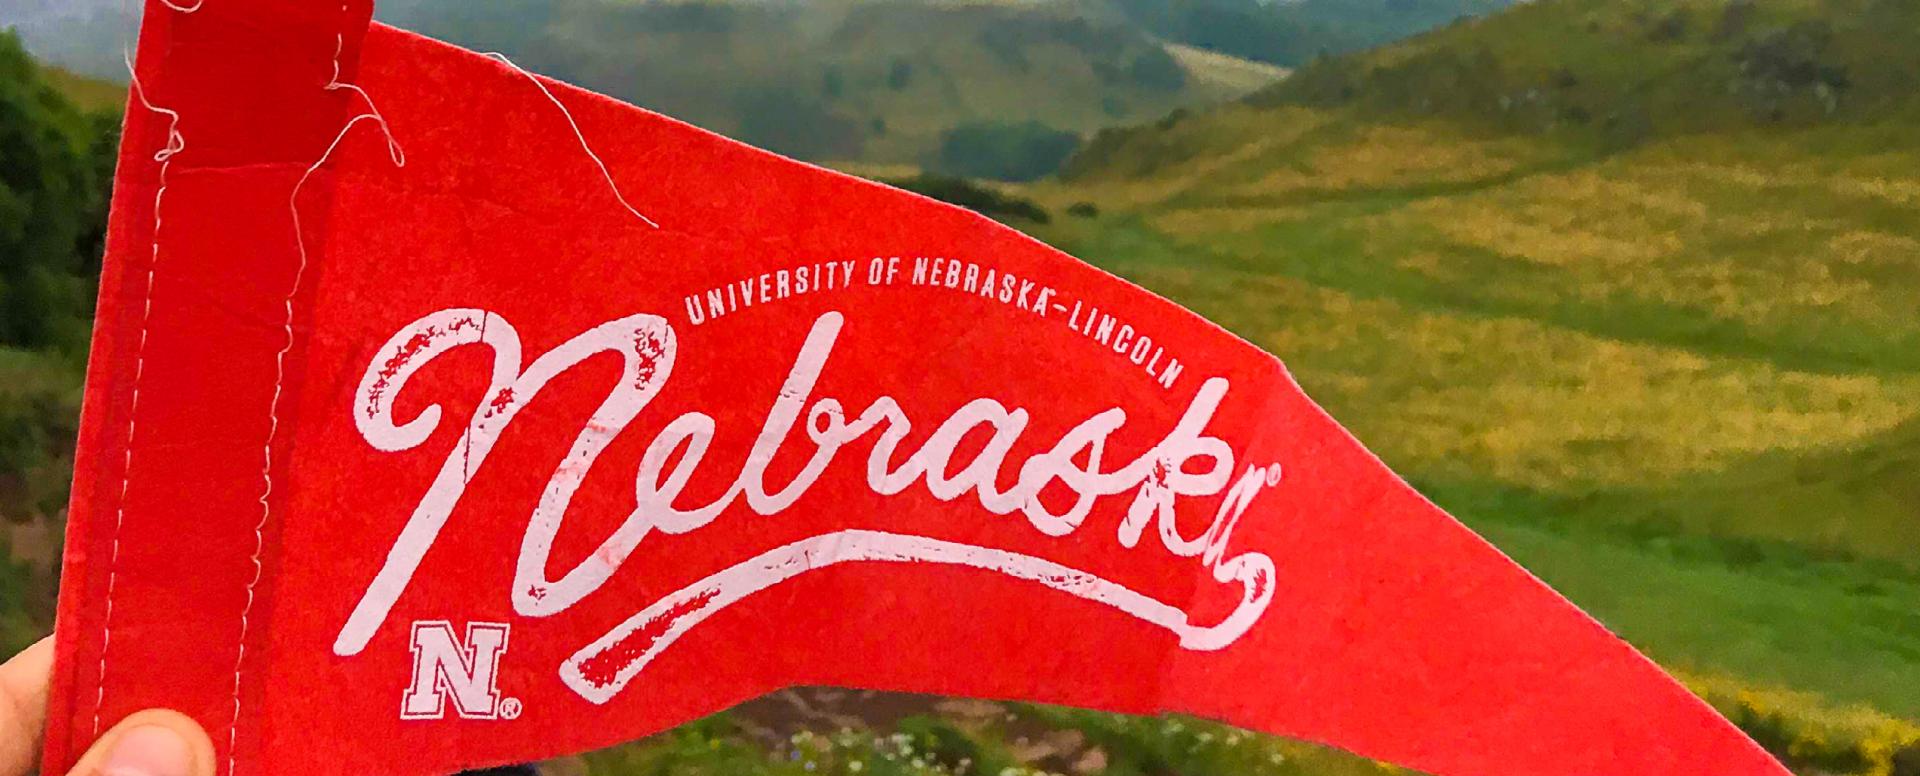 Nebraska pennant in Scotland